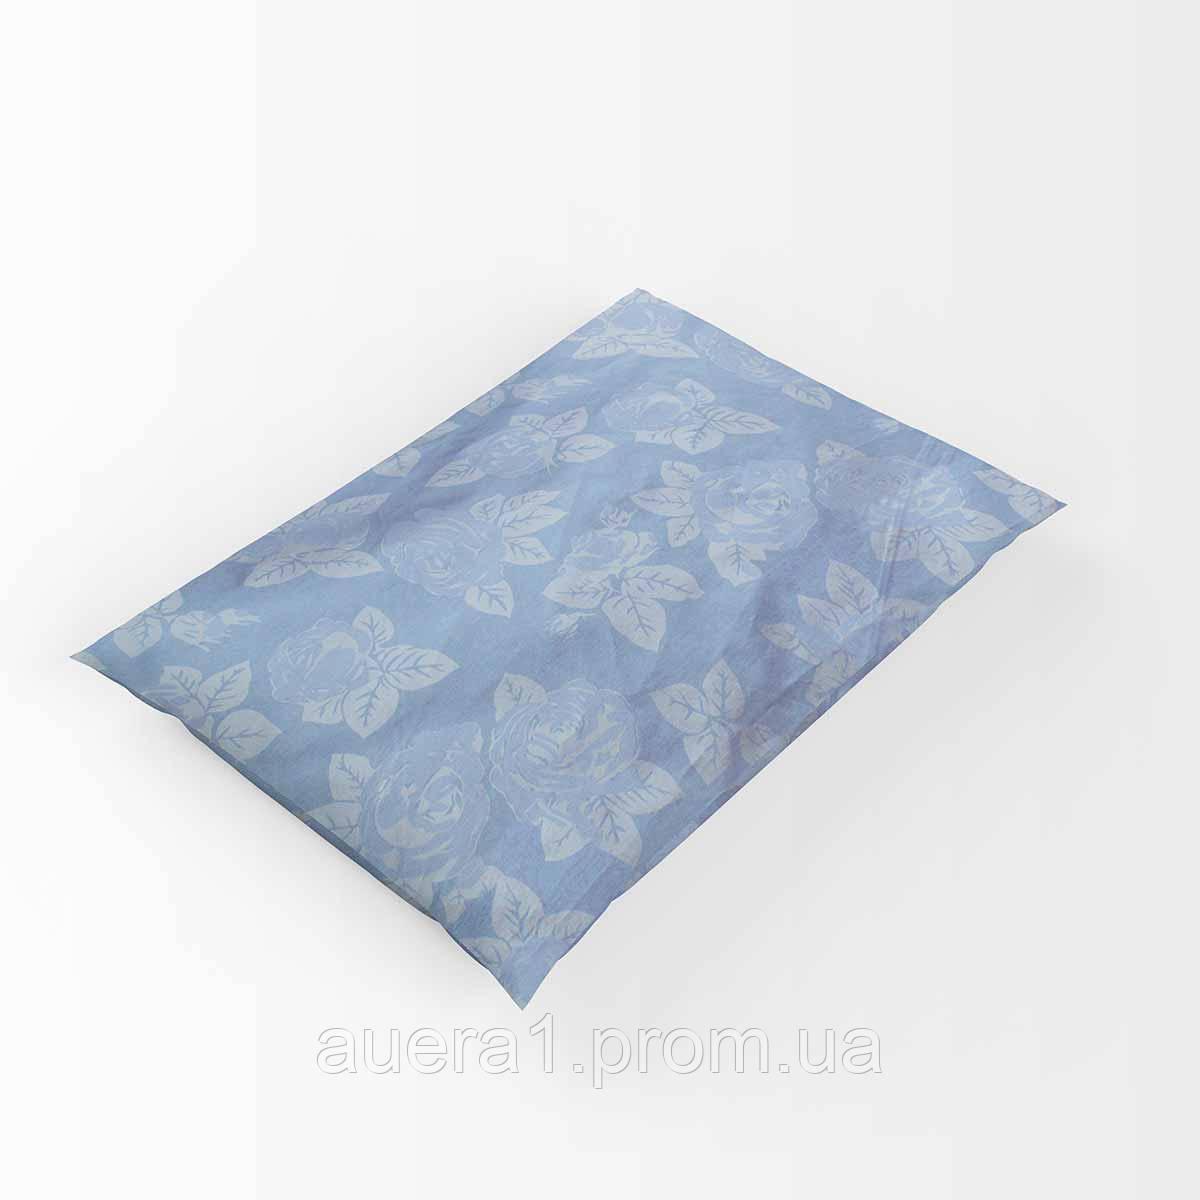 Наперник без канта тик 701 синий 60х60 (р) 20%  молния